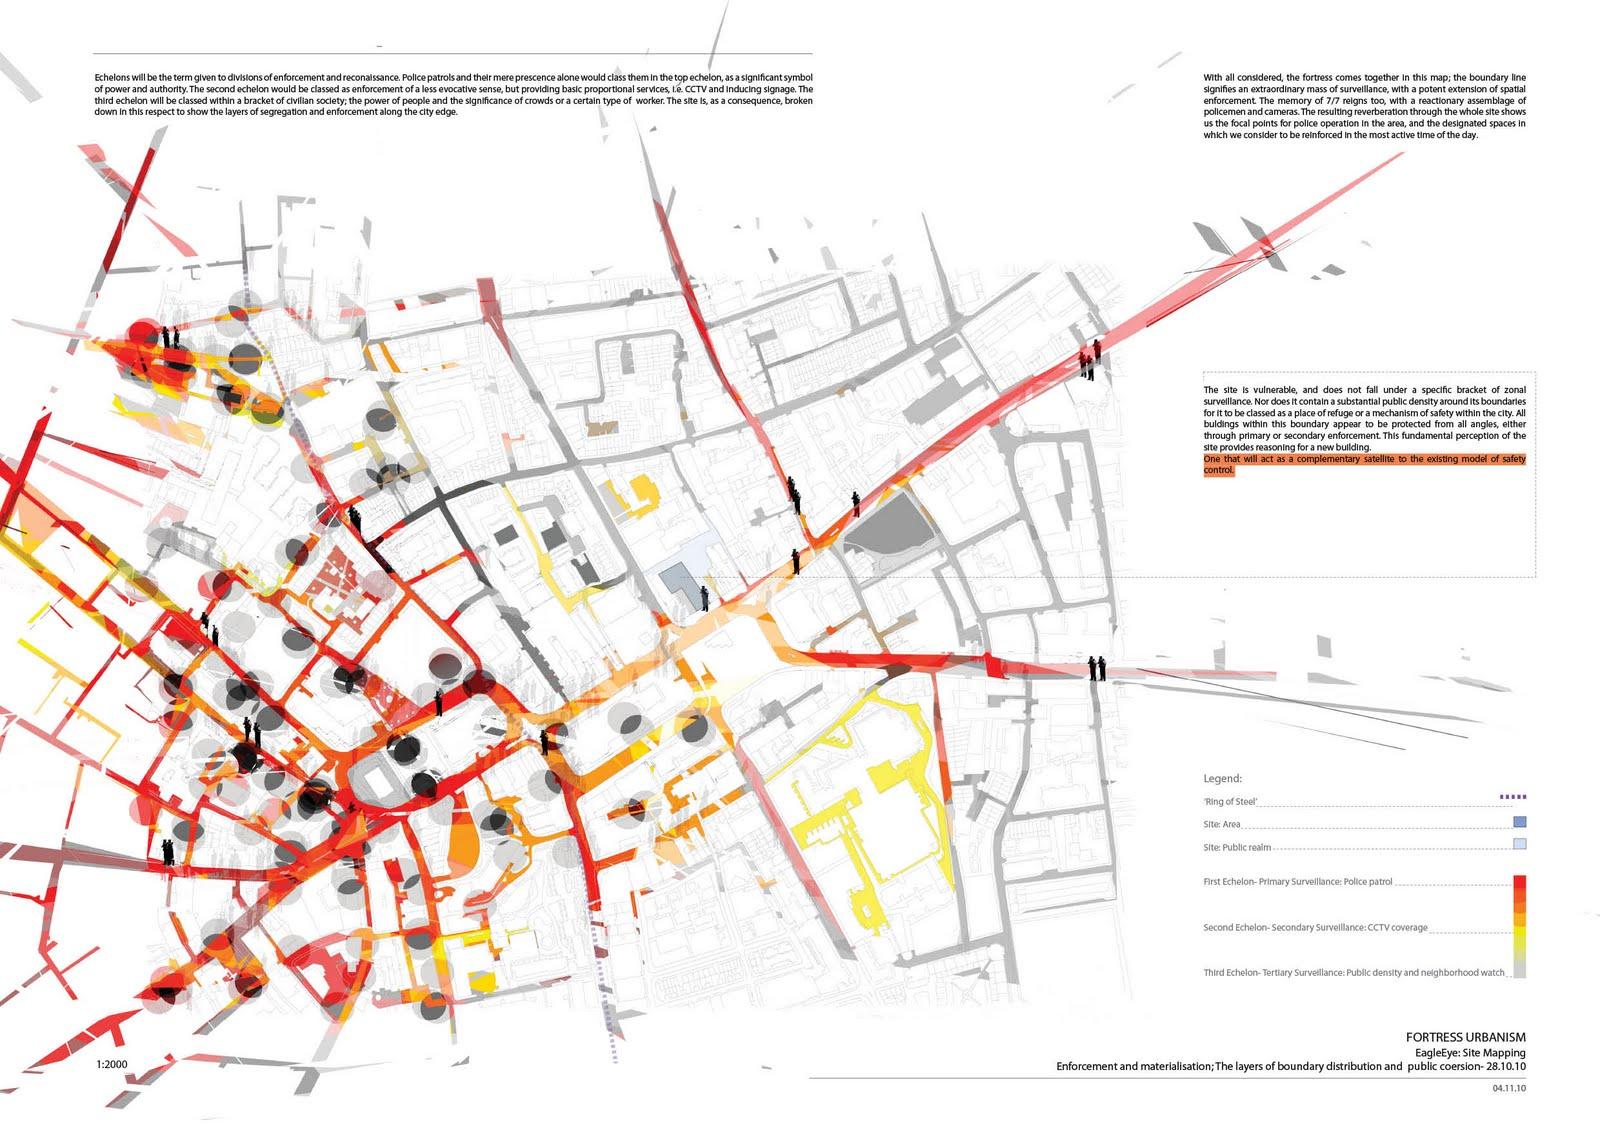 Complicit Infrastructures